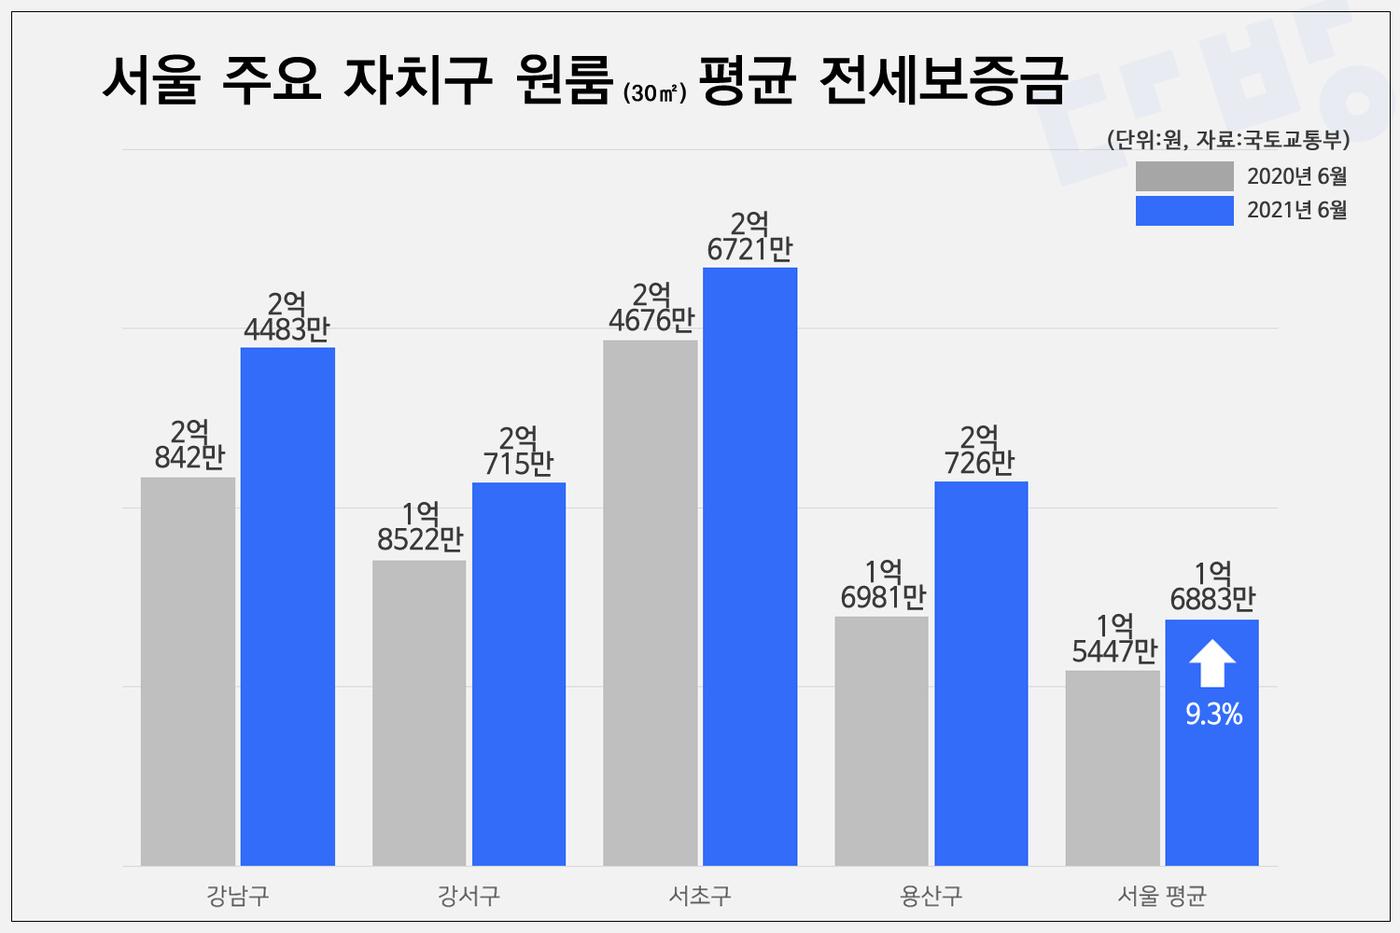 서울 주요 자치구 원룸 평균 전세 보증금 (스테이션3 제공) © 뉴스1